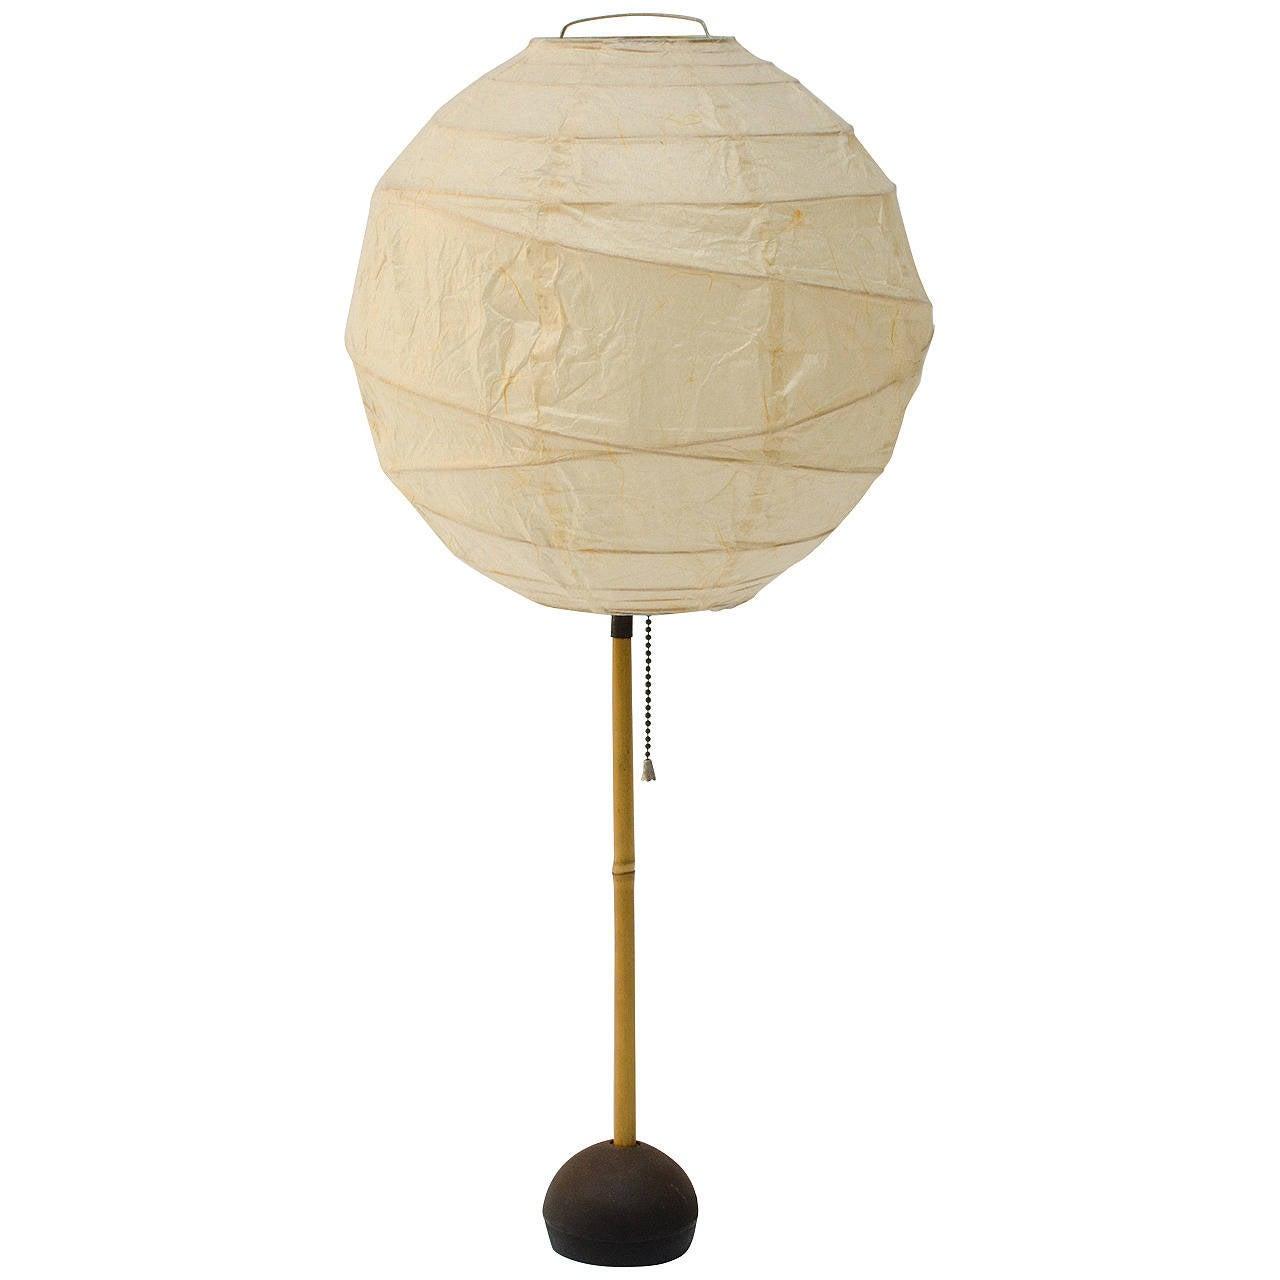 Isamu Noguchi Akari Bamboo Table Lamp At 1stdibs